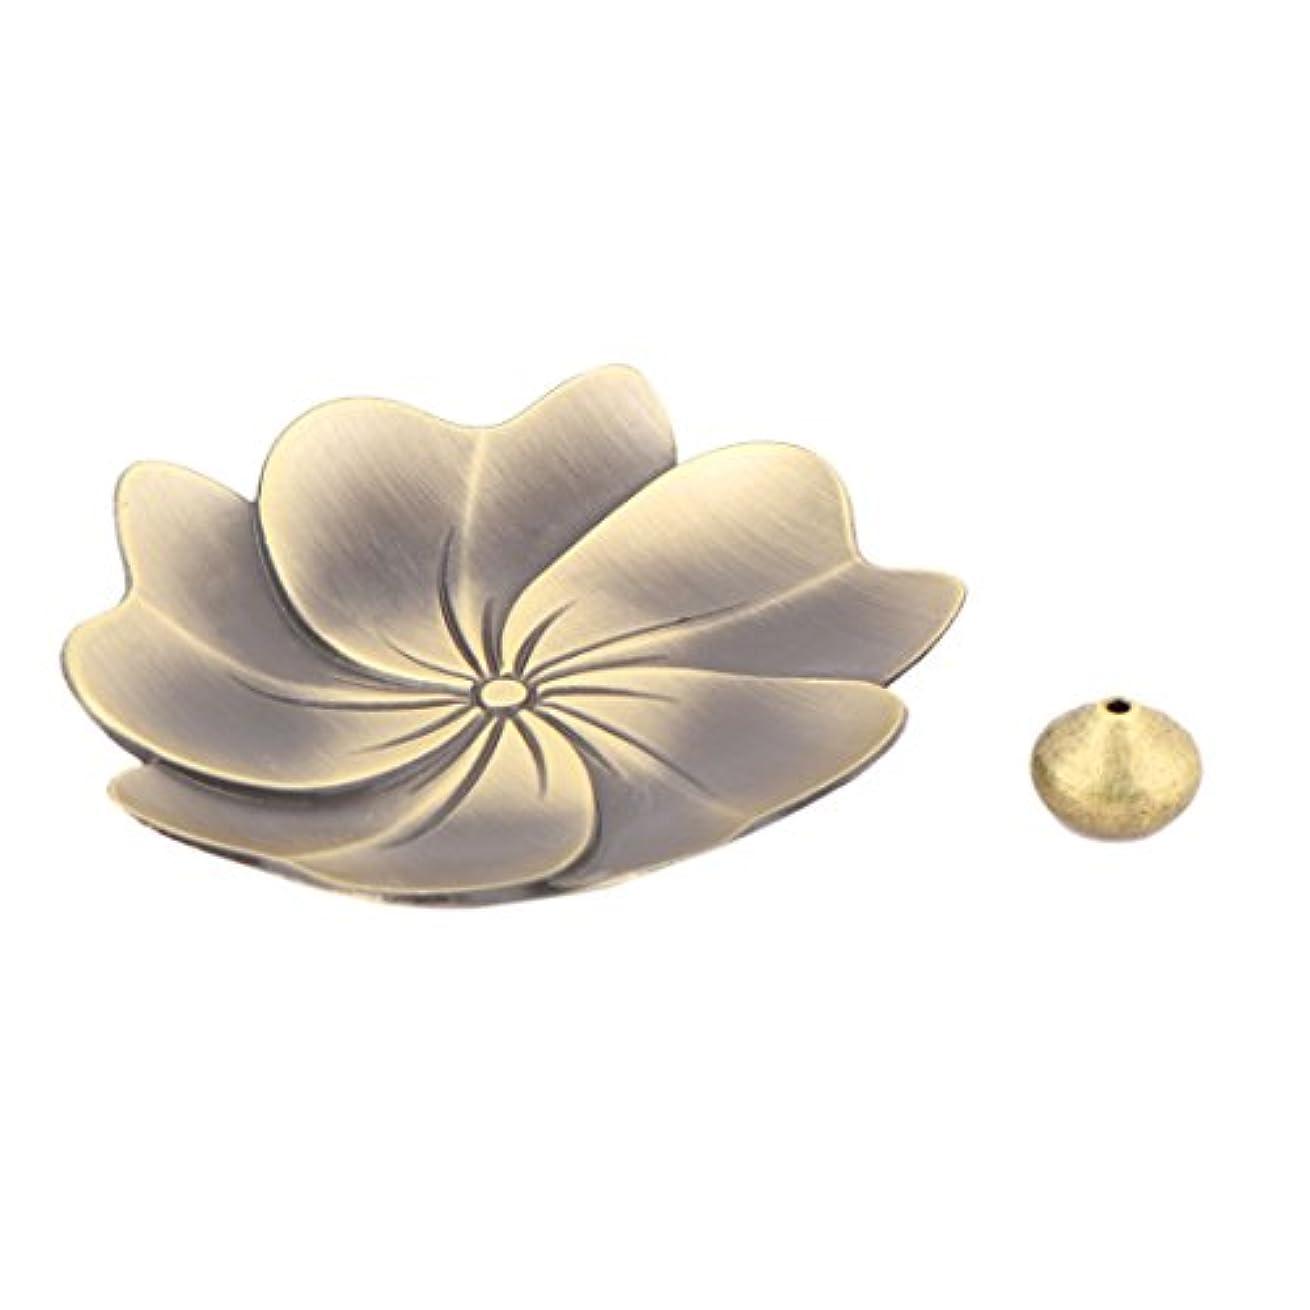 内向きにはまってホストuxcell 香炉ホルダー お香立て インセンスホルダー 蓮 ロータス 花型 セット 金属製 家庭用 直径9cm